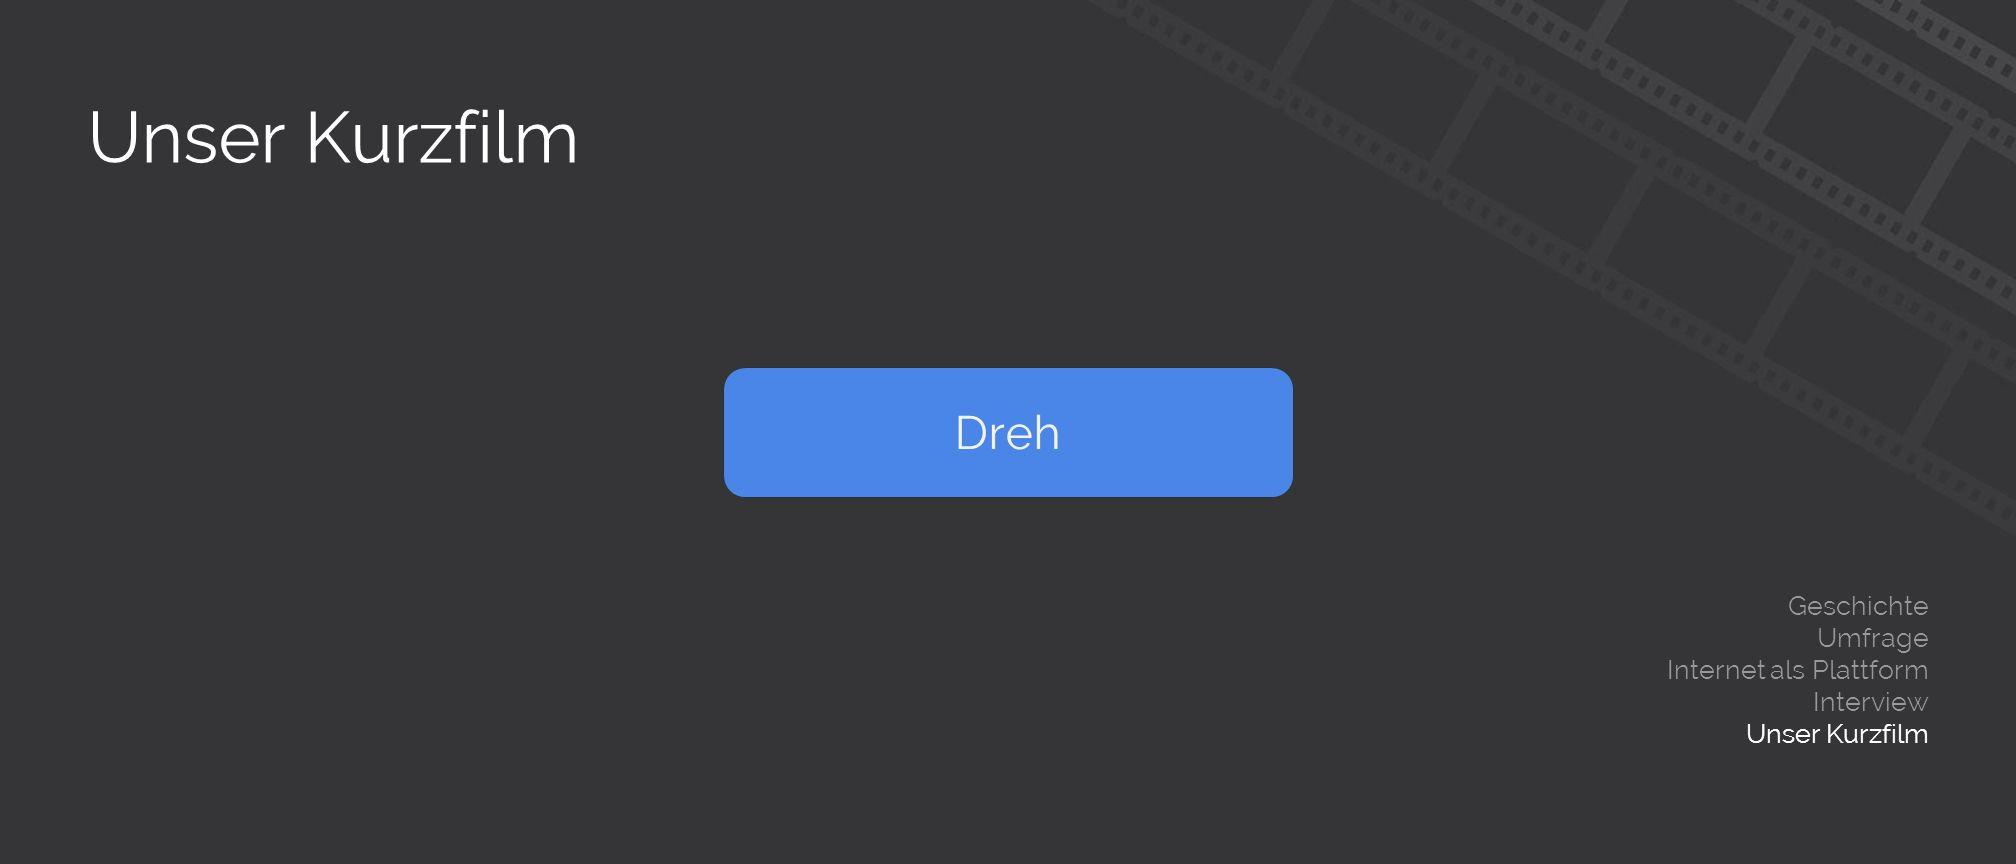 Unser Kurzfilm Geschichte Umfrage Internet als Plattform Interview Unser Kurzfilm Dreh